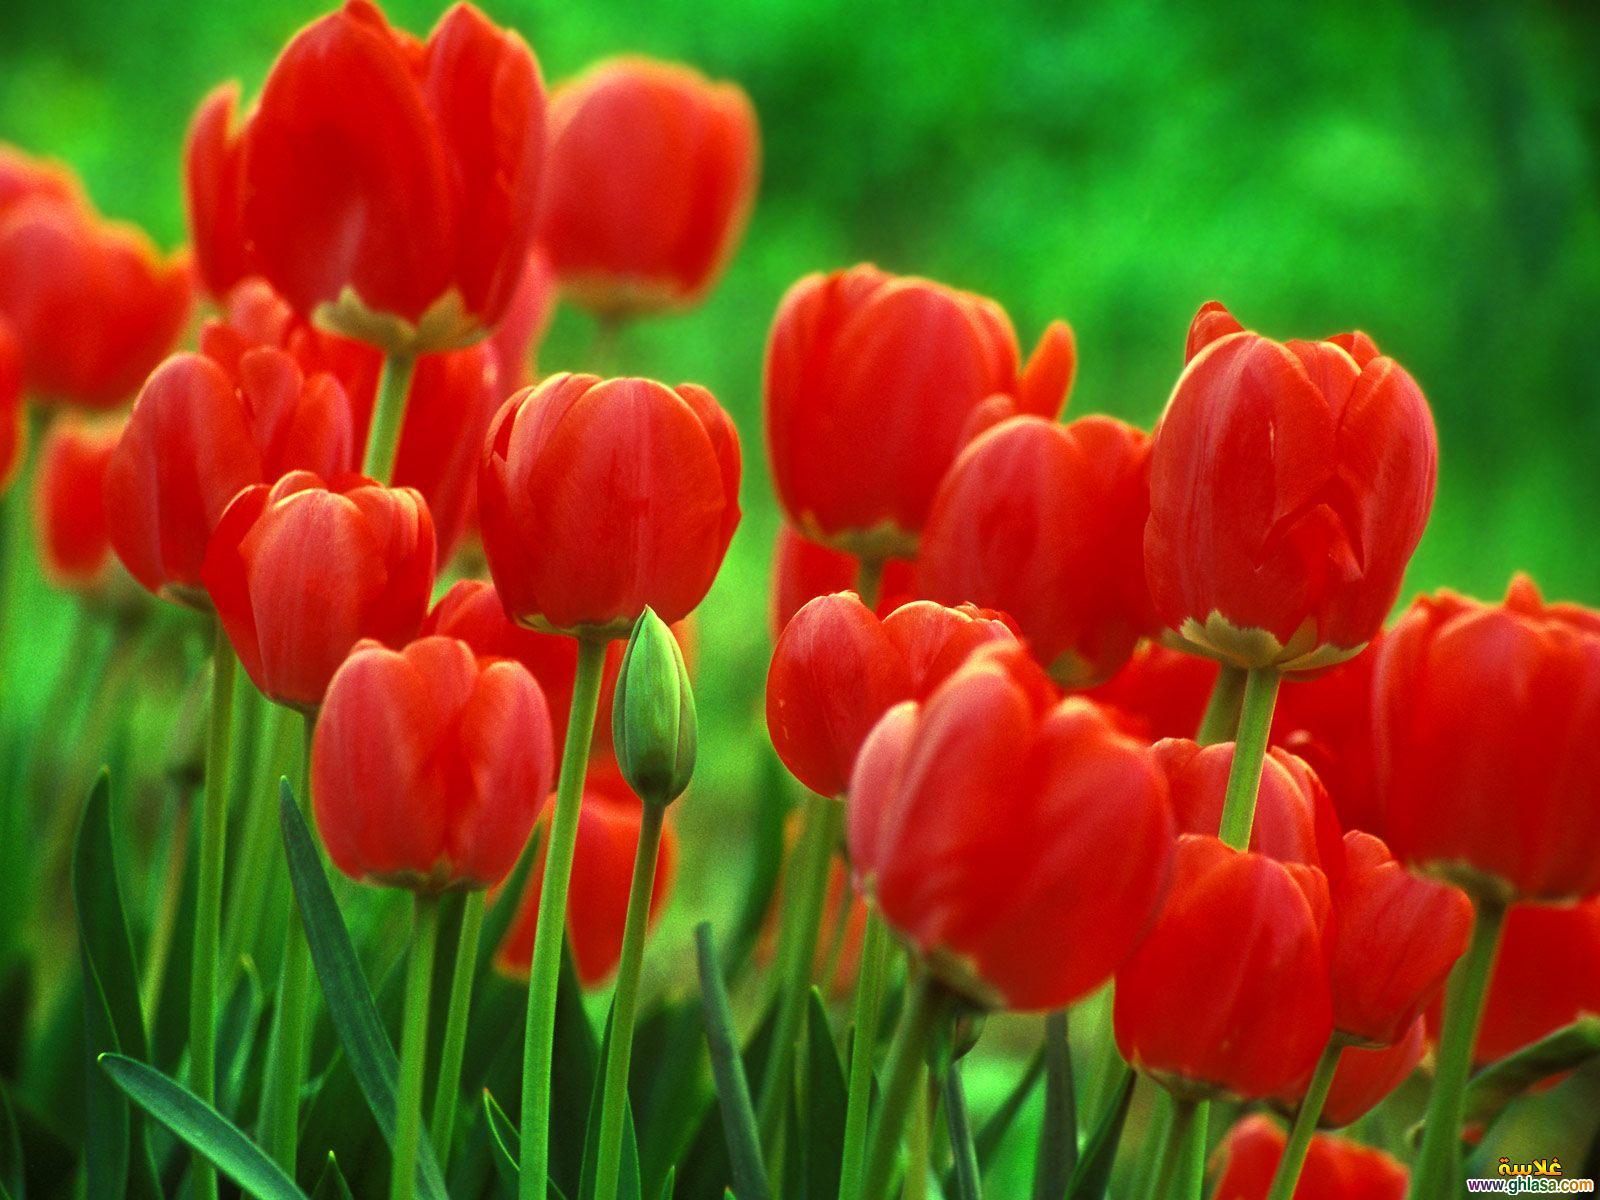 بالصور ورود من الطبيعة , اجمل صور لزهور جميلة 4493 9